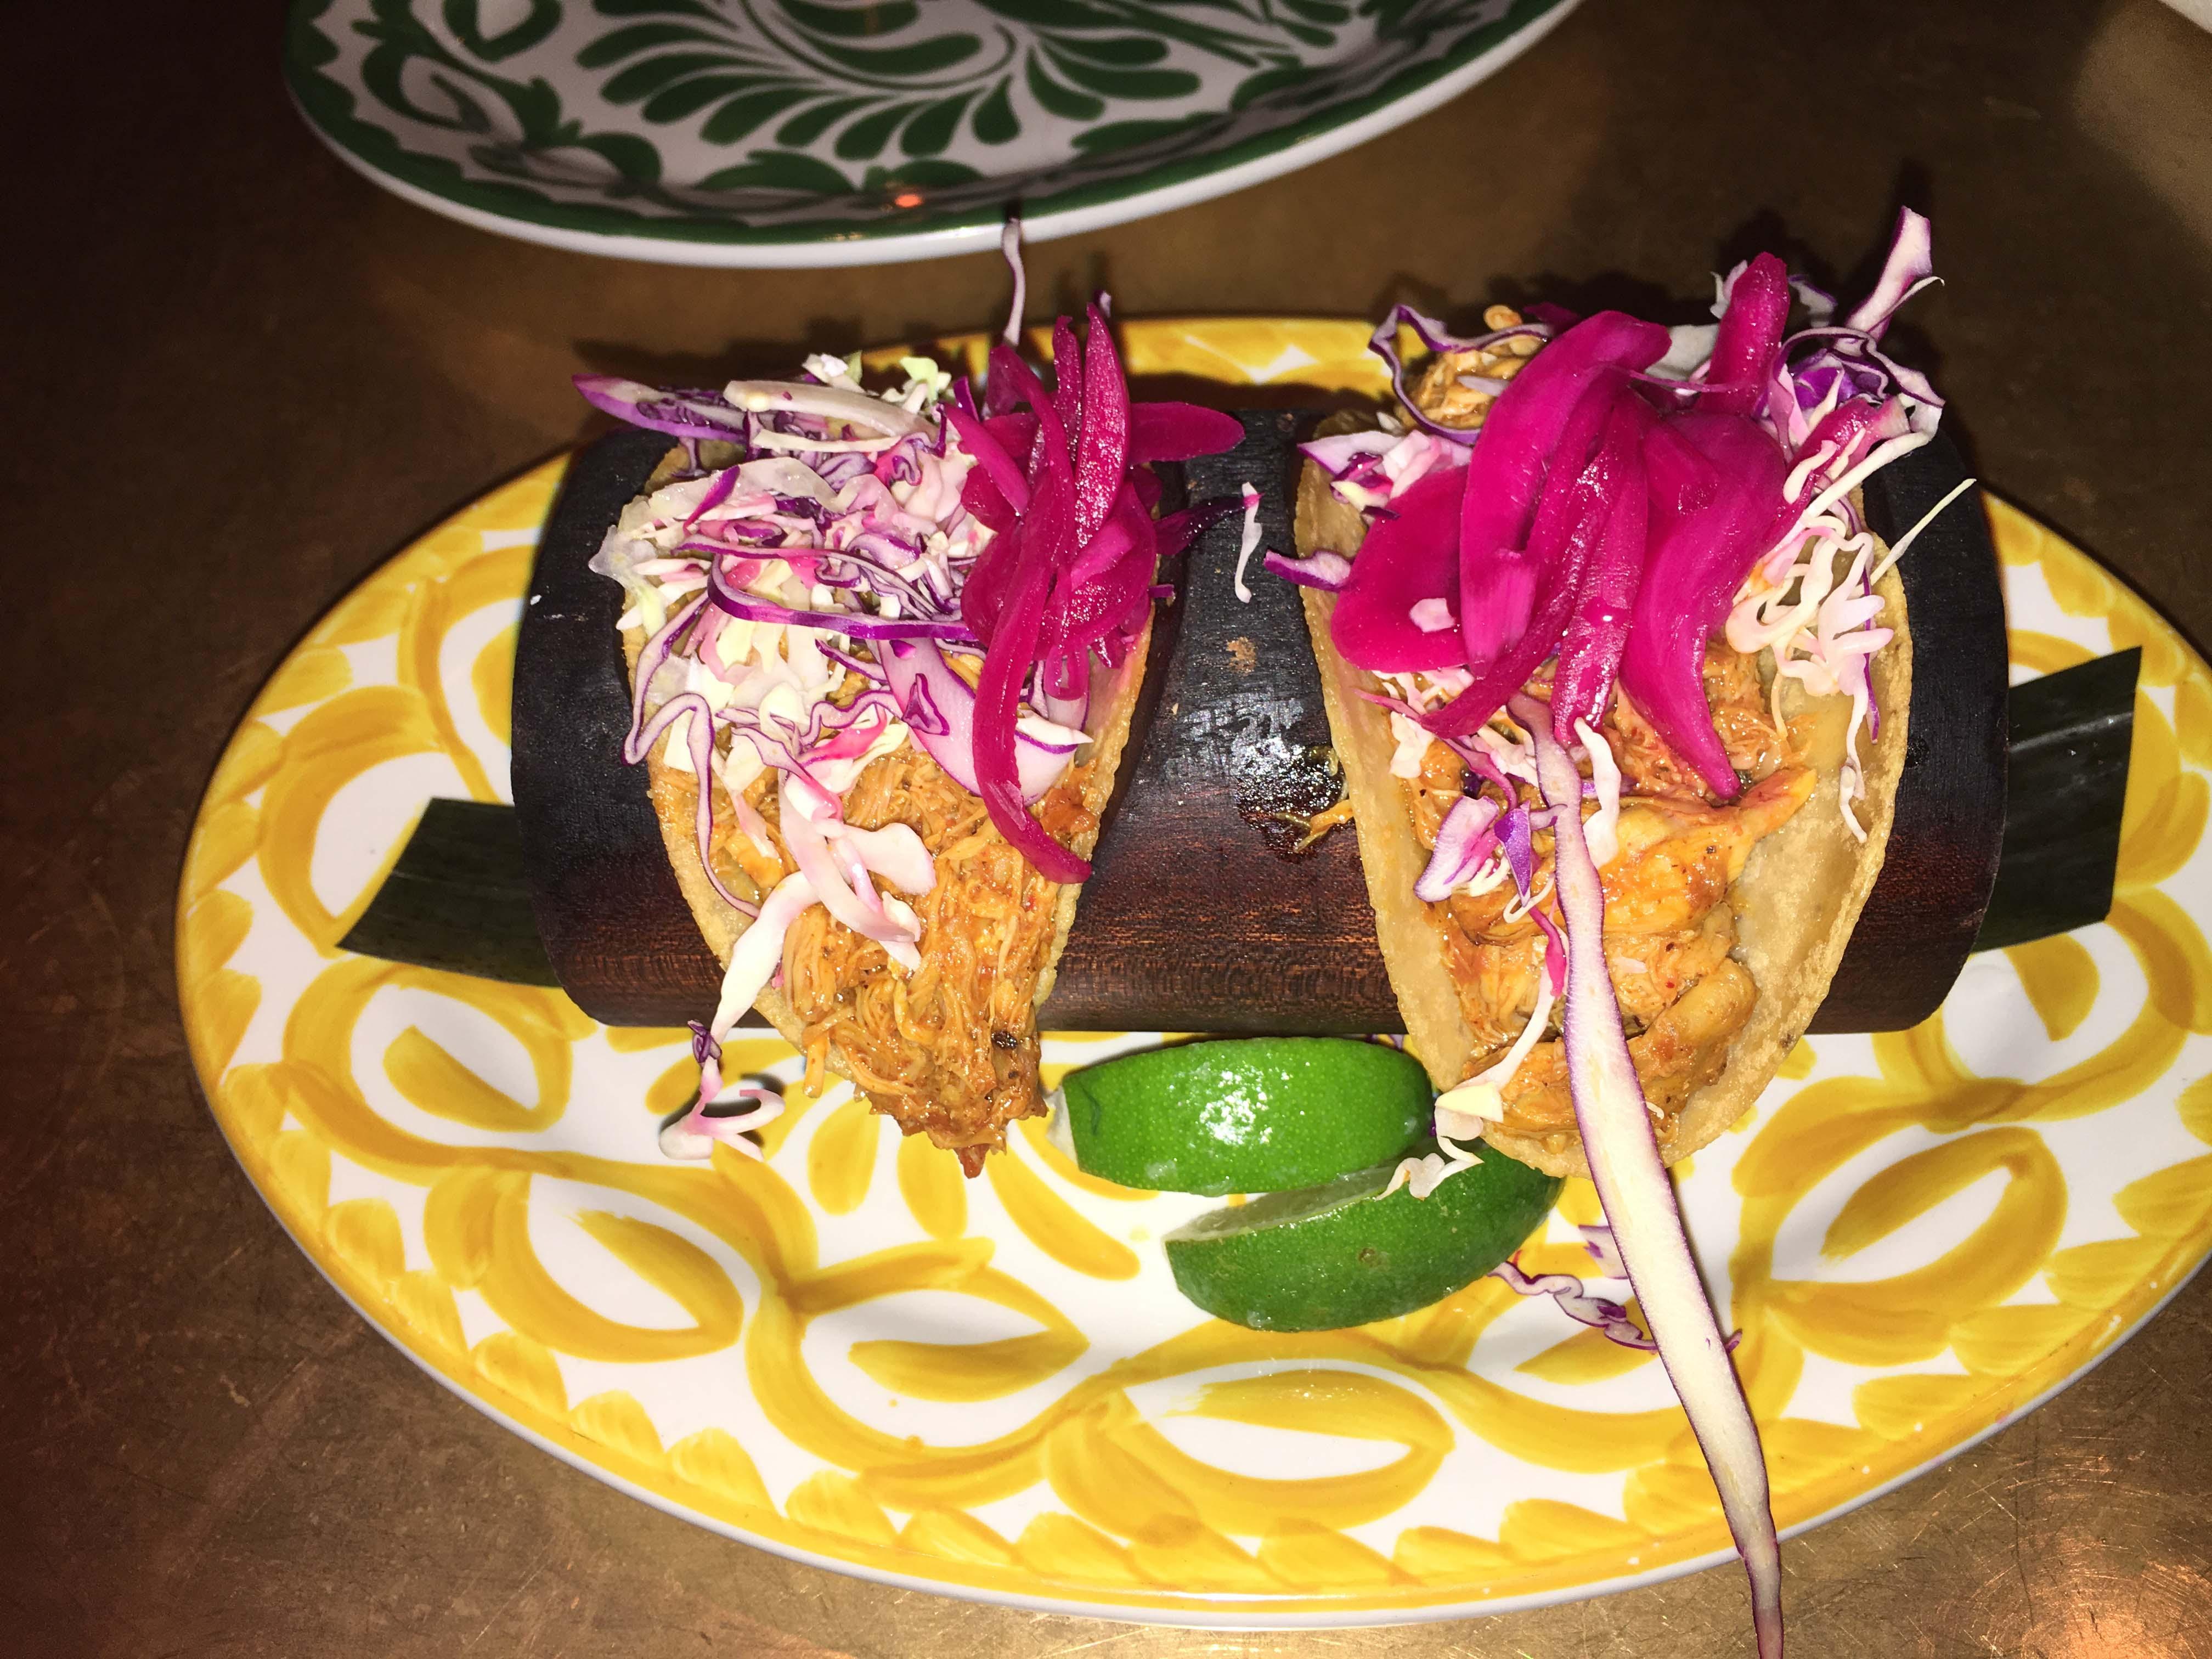 Bodega negra chicken tacos